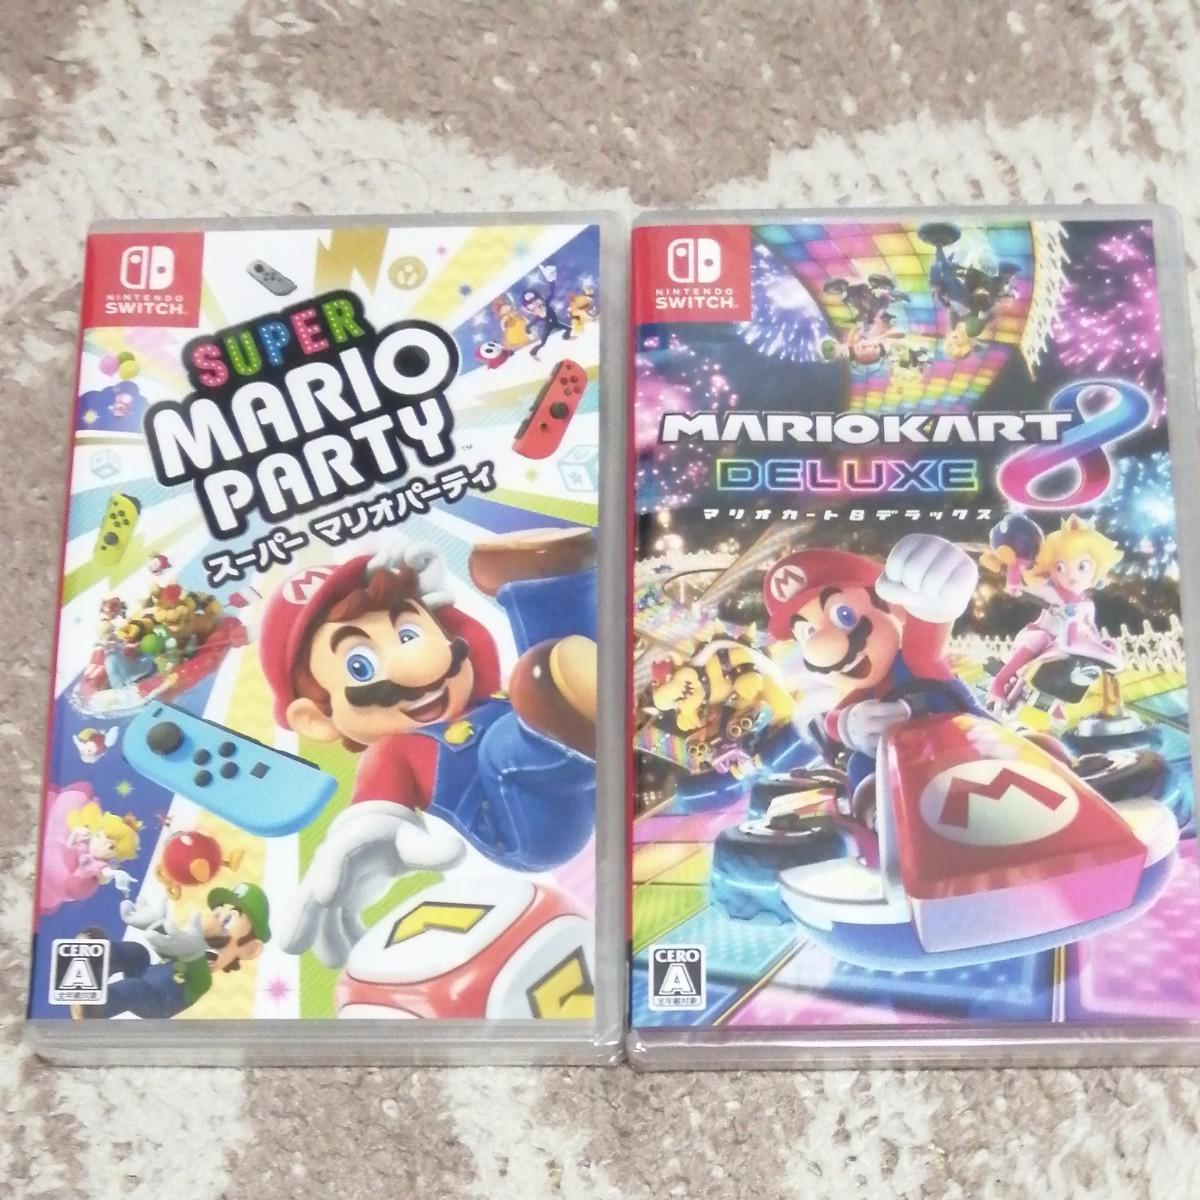 【新品・未開封品】 マリオカート8 デラックス・スーパーマリオパーティ Nintendo Switch